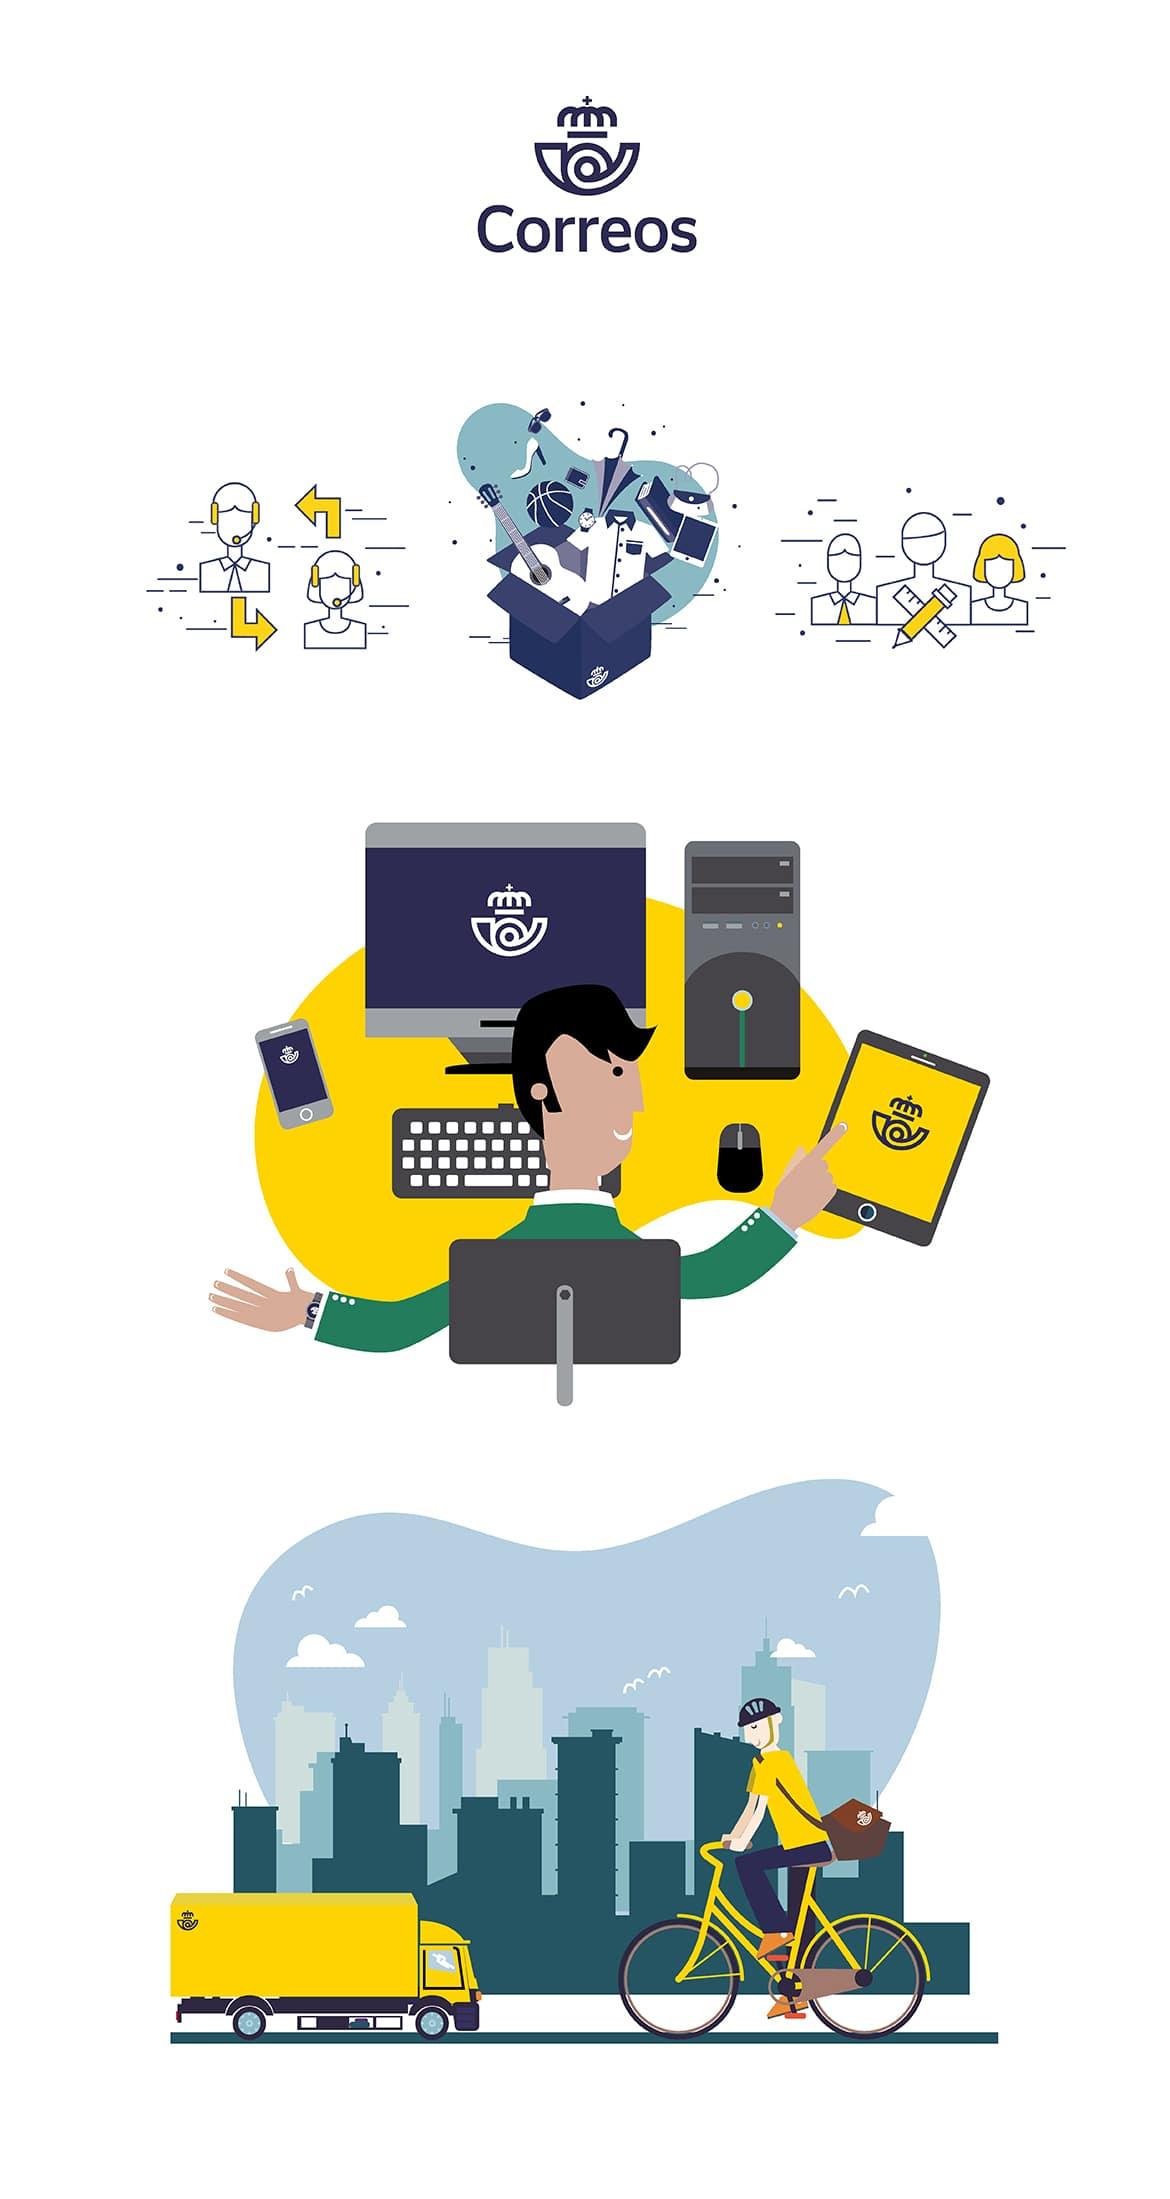 Diseño de ilustraciones correos - Alicante